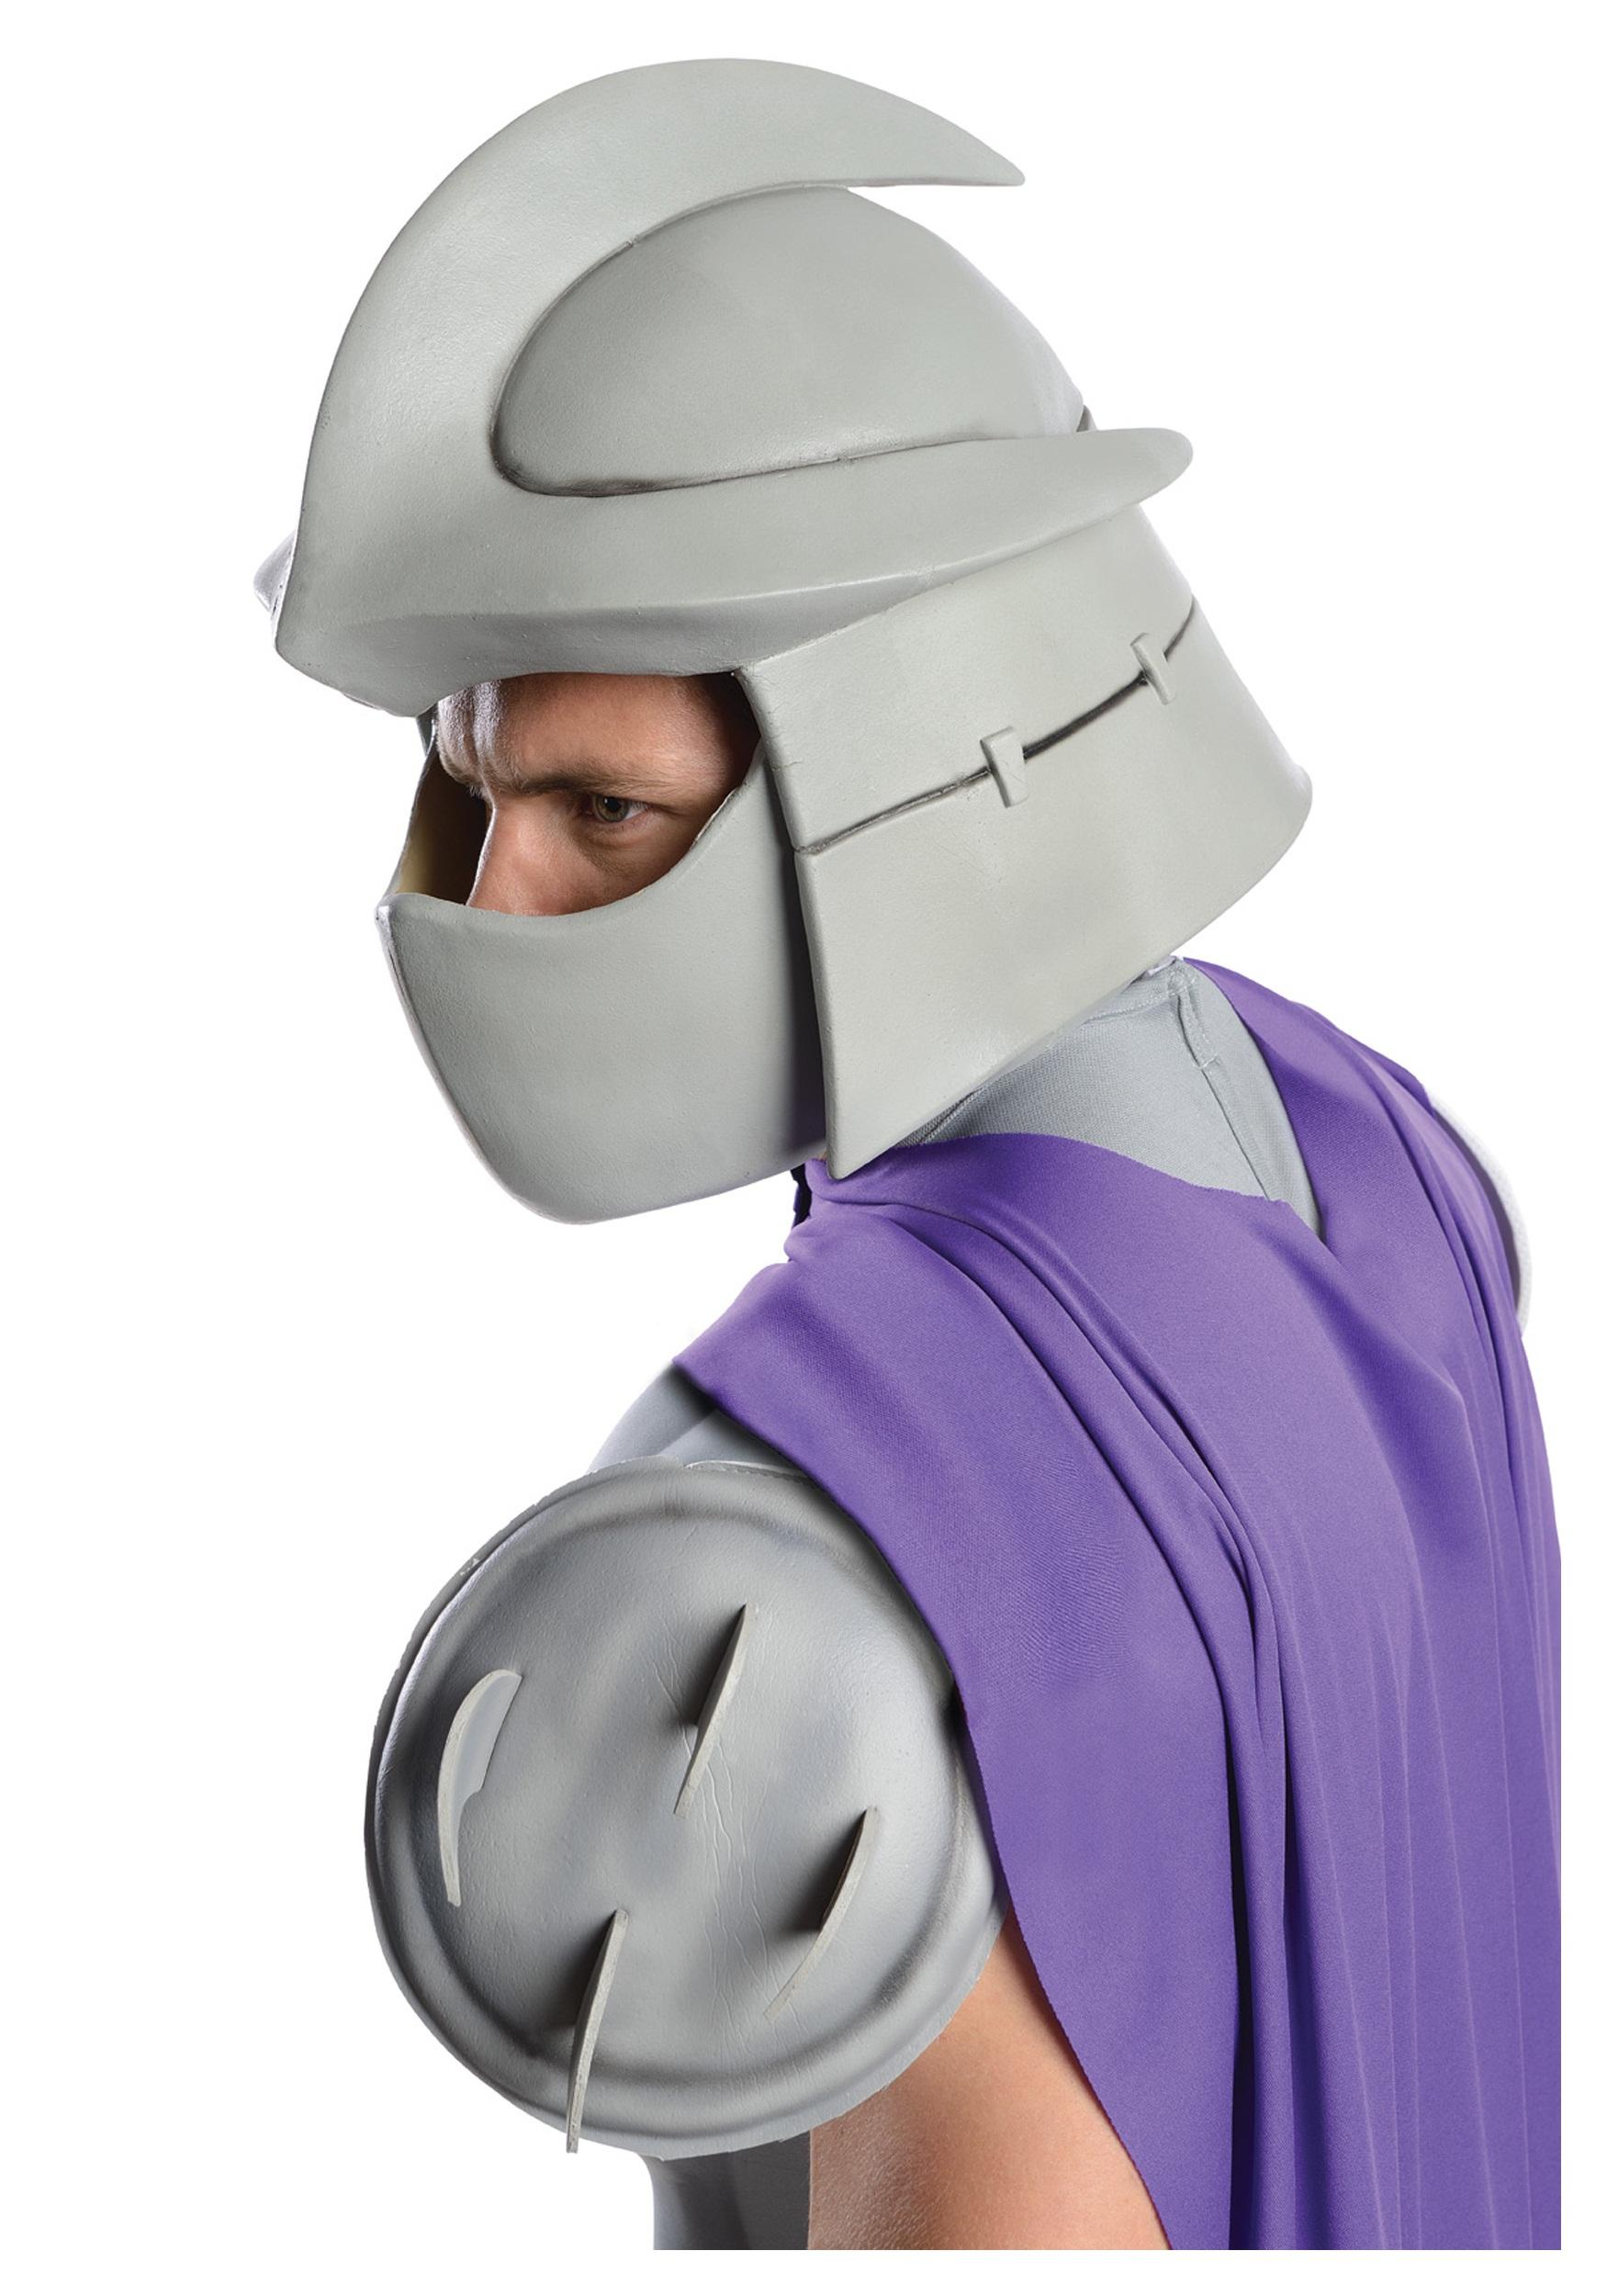 Shredder Mask RU68498